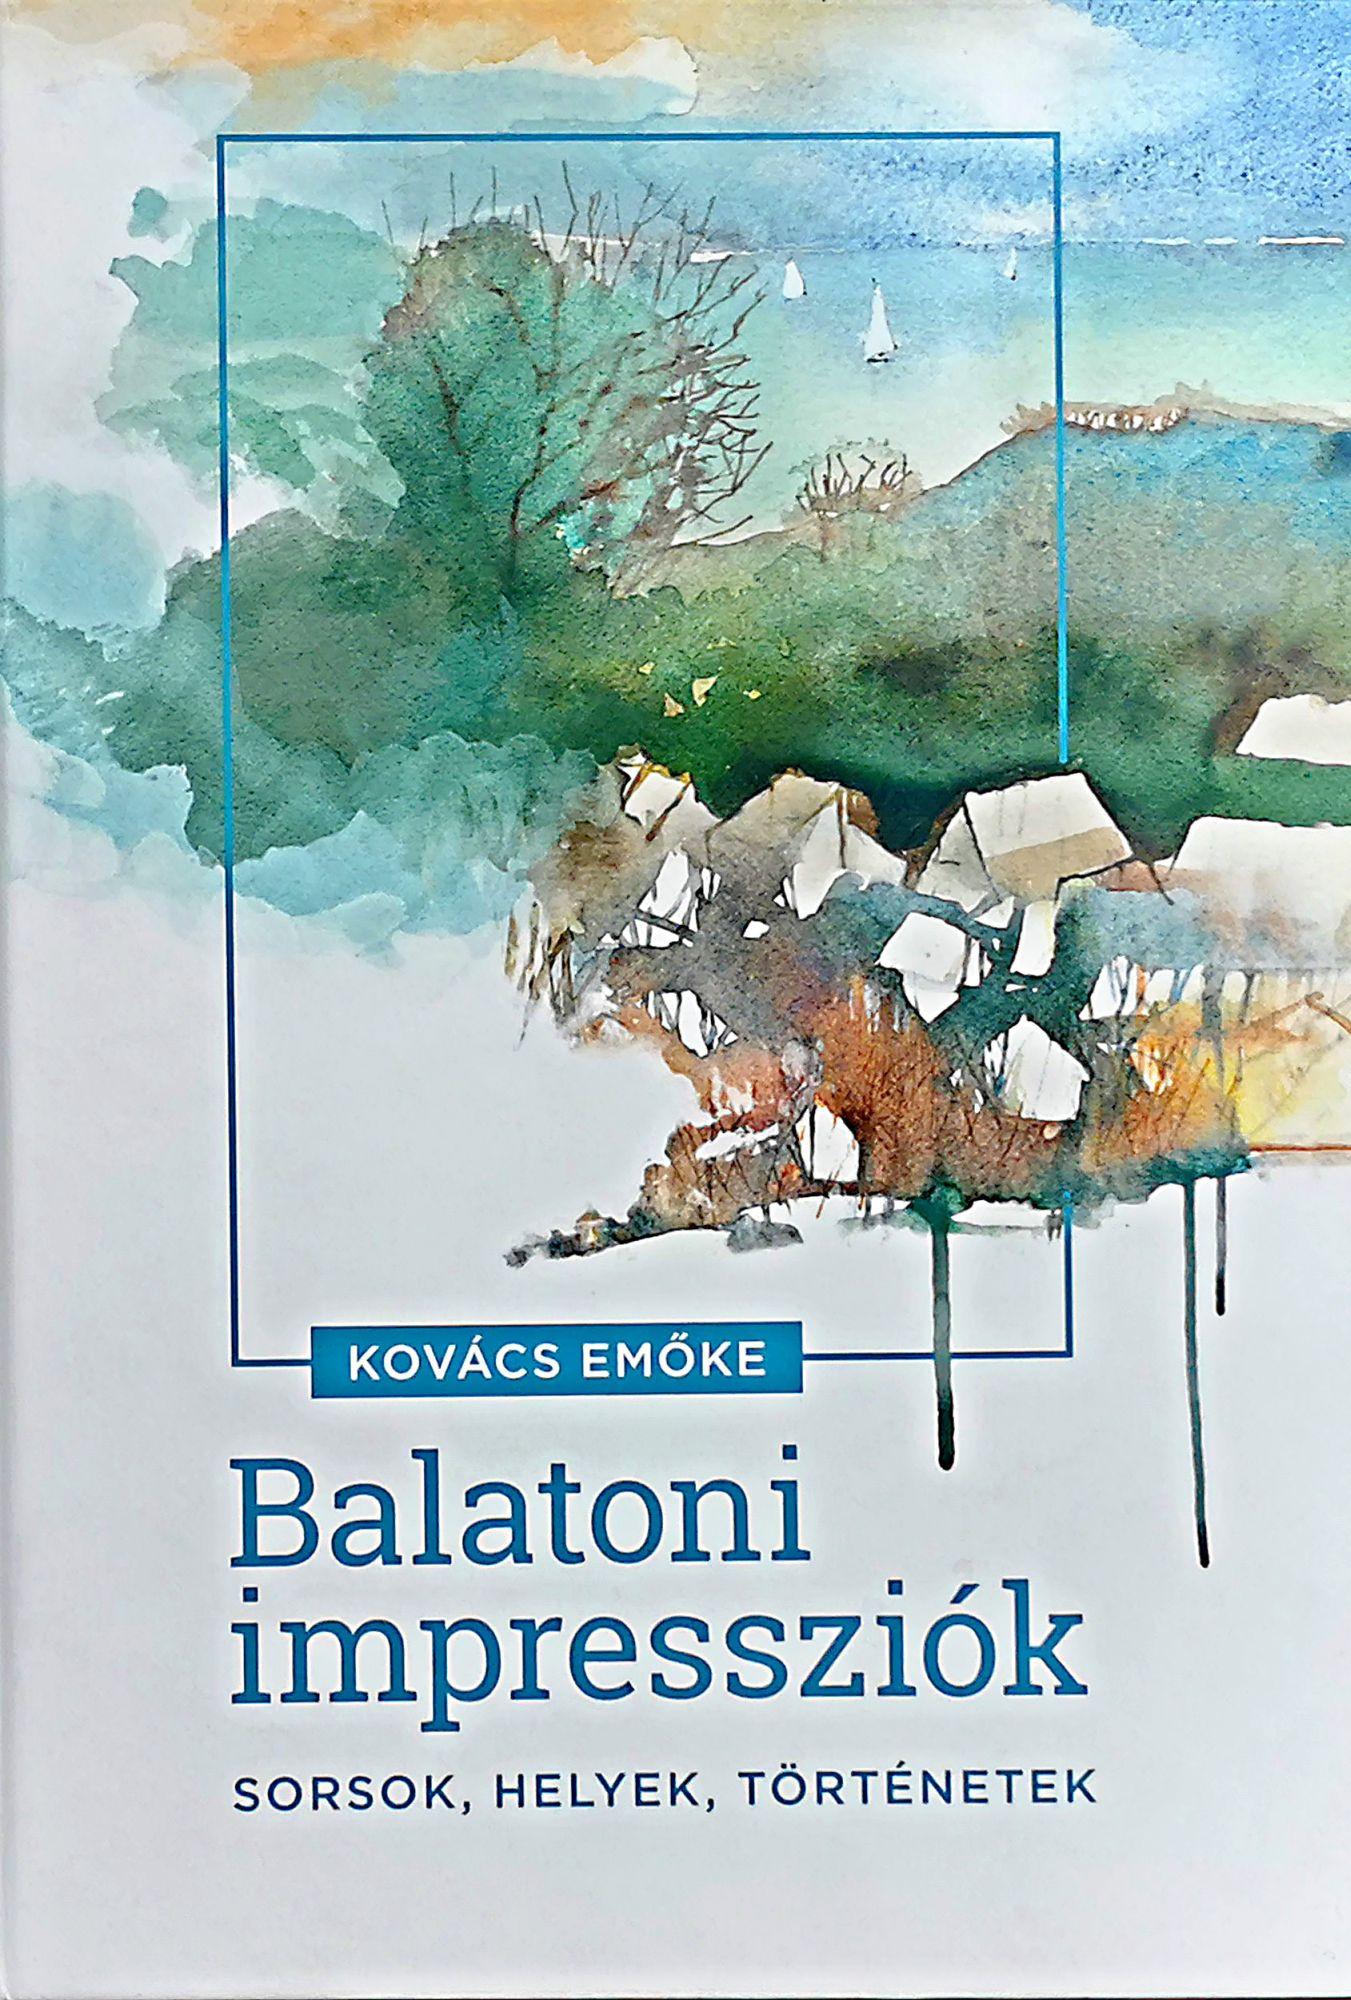 Kovács Emőke: Balatoni impressziók